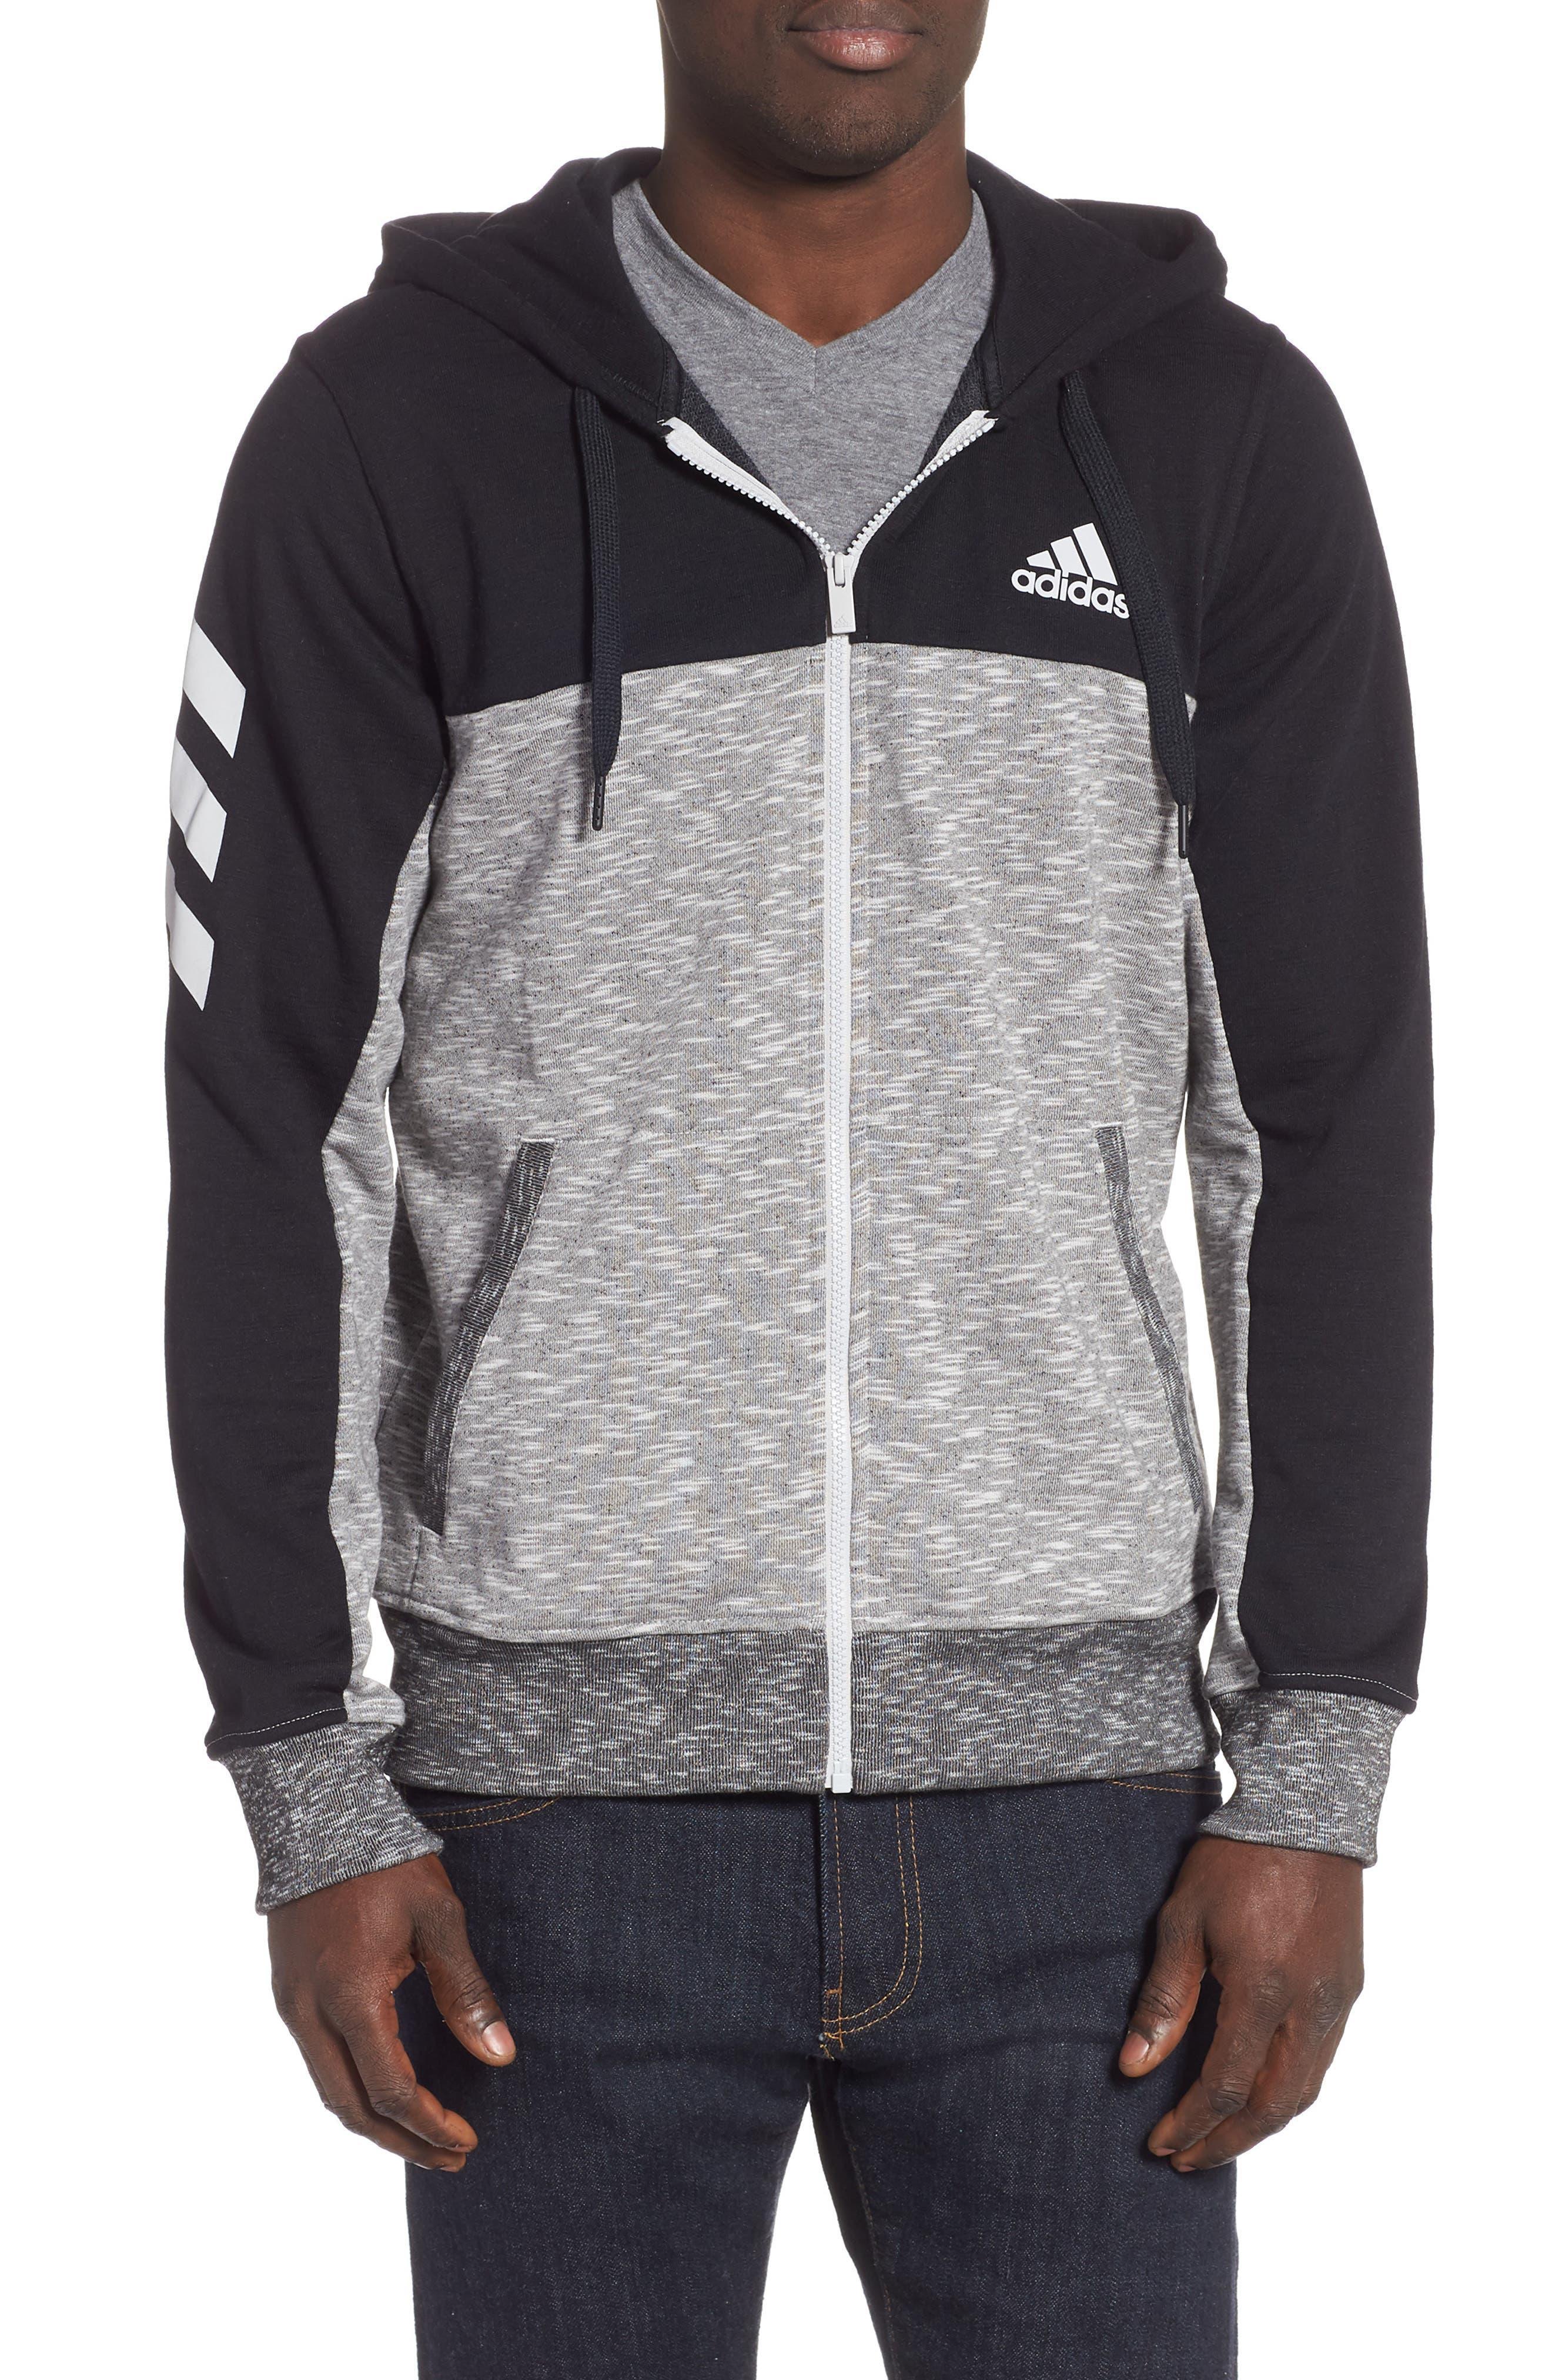 Adidas Pick Up Colorblock Zip Hoodie, Black